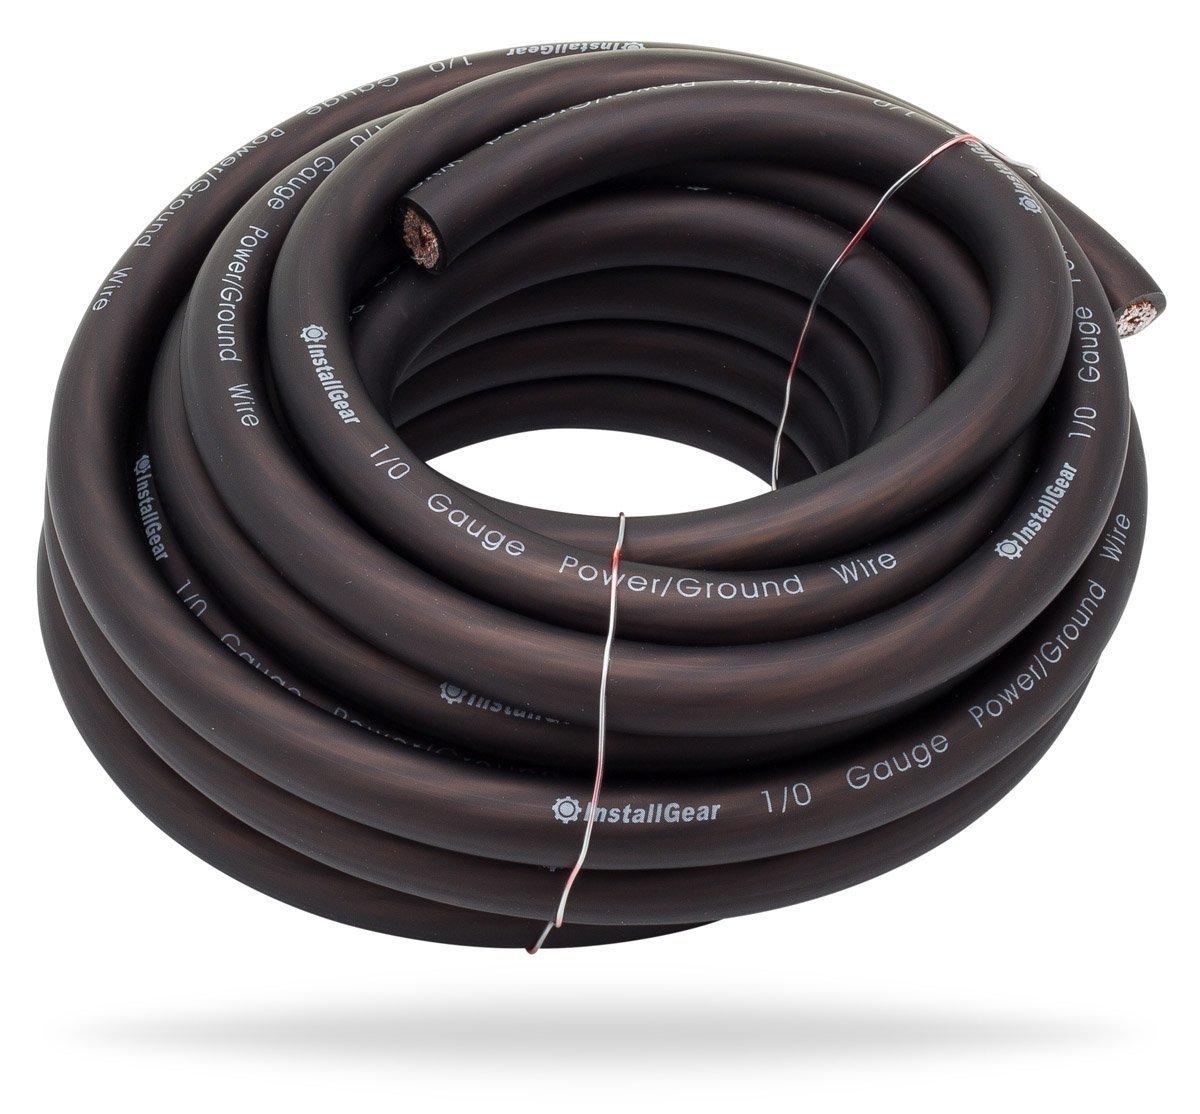 InstallGear 1/0 Gauge Black 25ft Power/Ground Wire - OFC (99.9% Oxygen-free Copper) by InstallGear